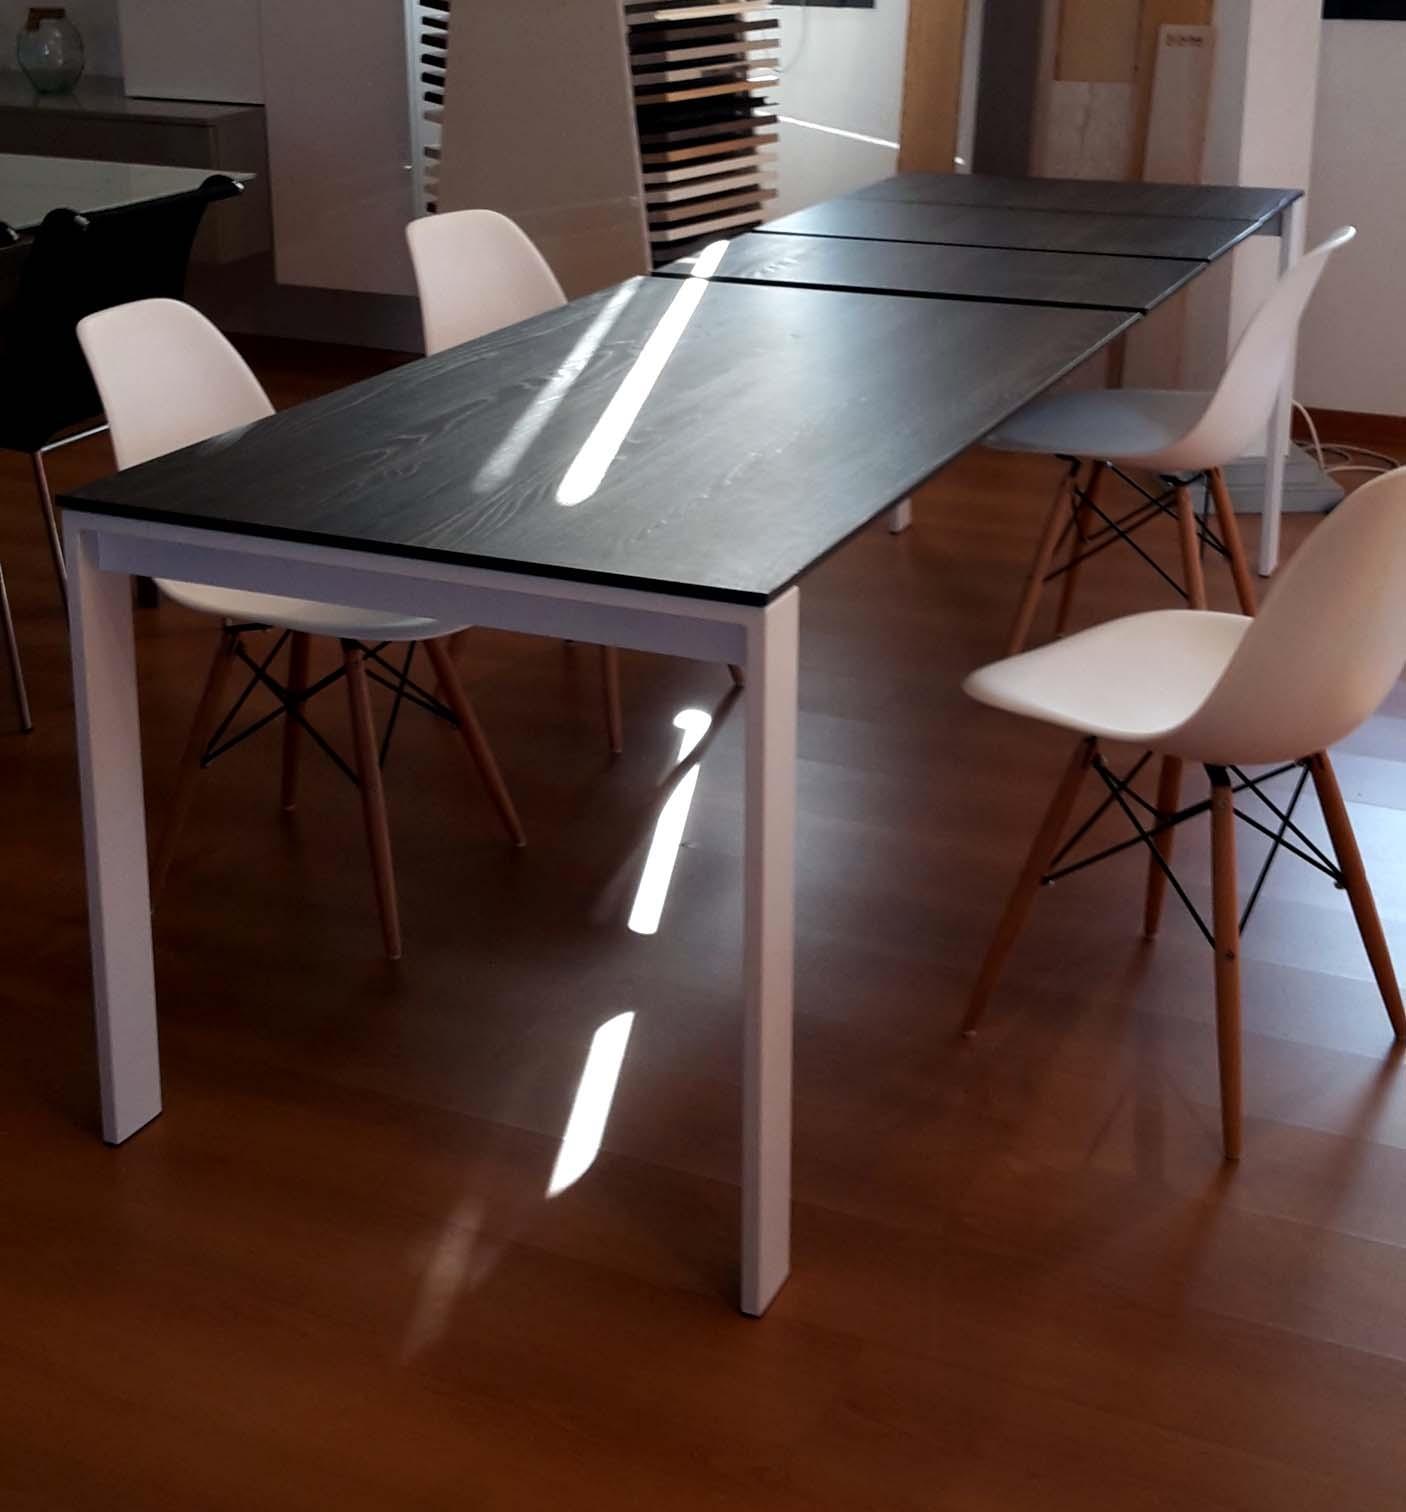 Sedia miton lab sedie a prezzi scontati for Tavolo 140x80 allungabile legno